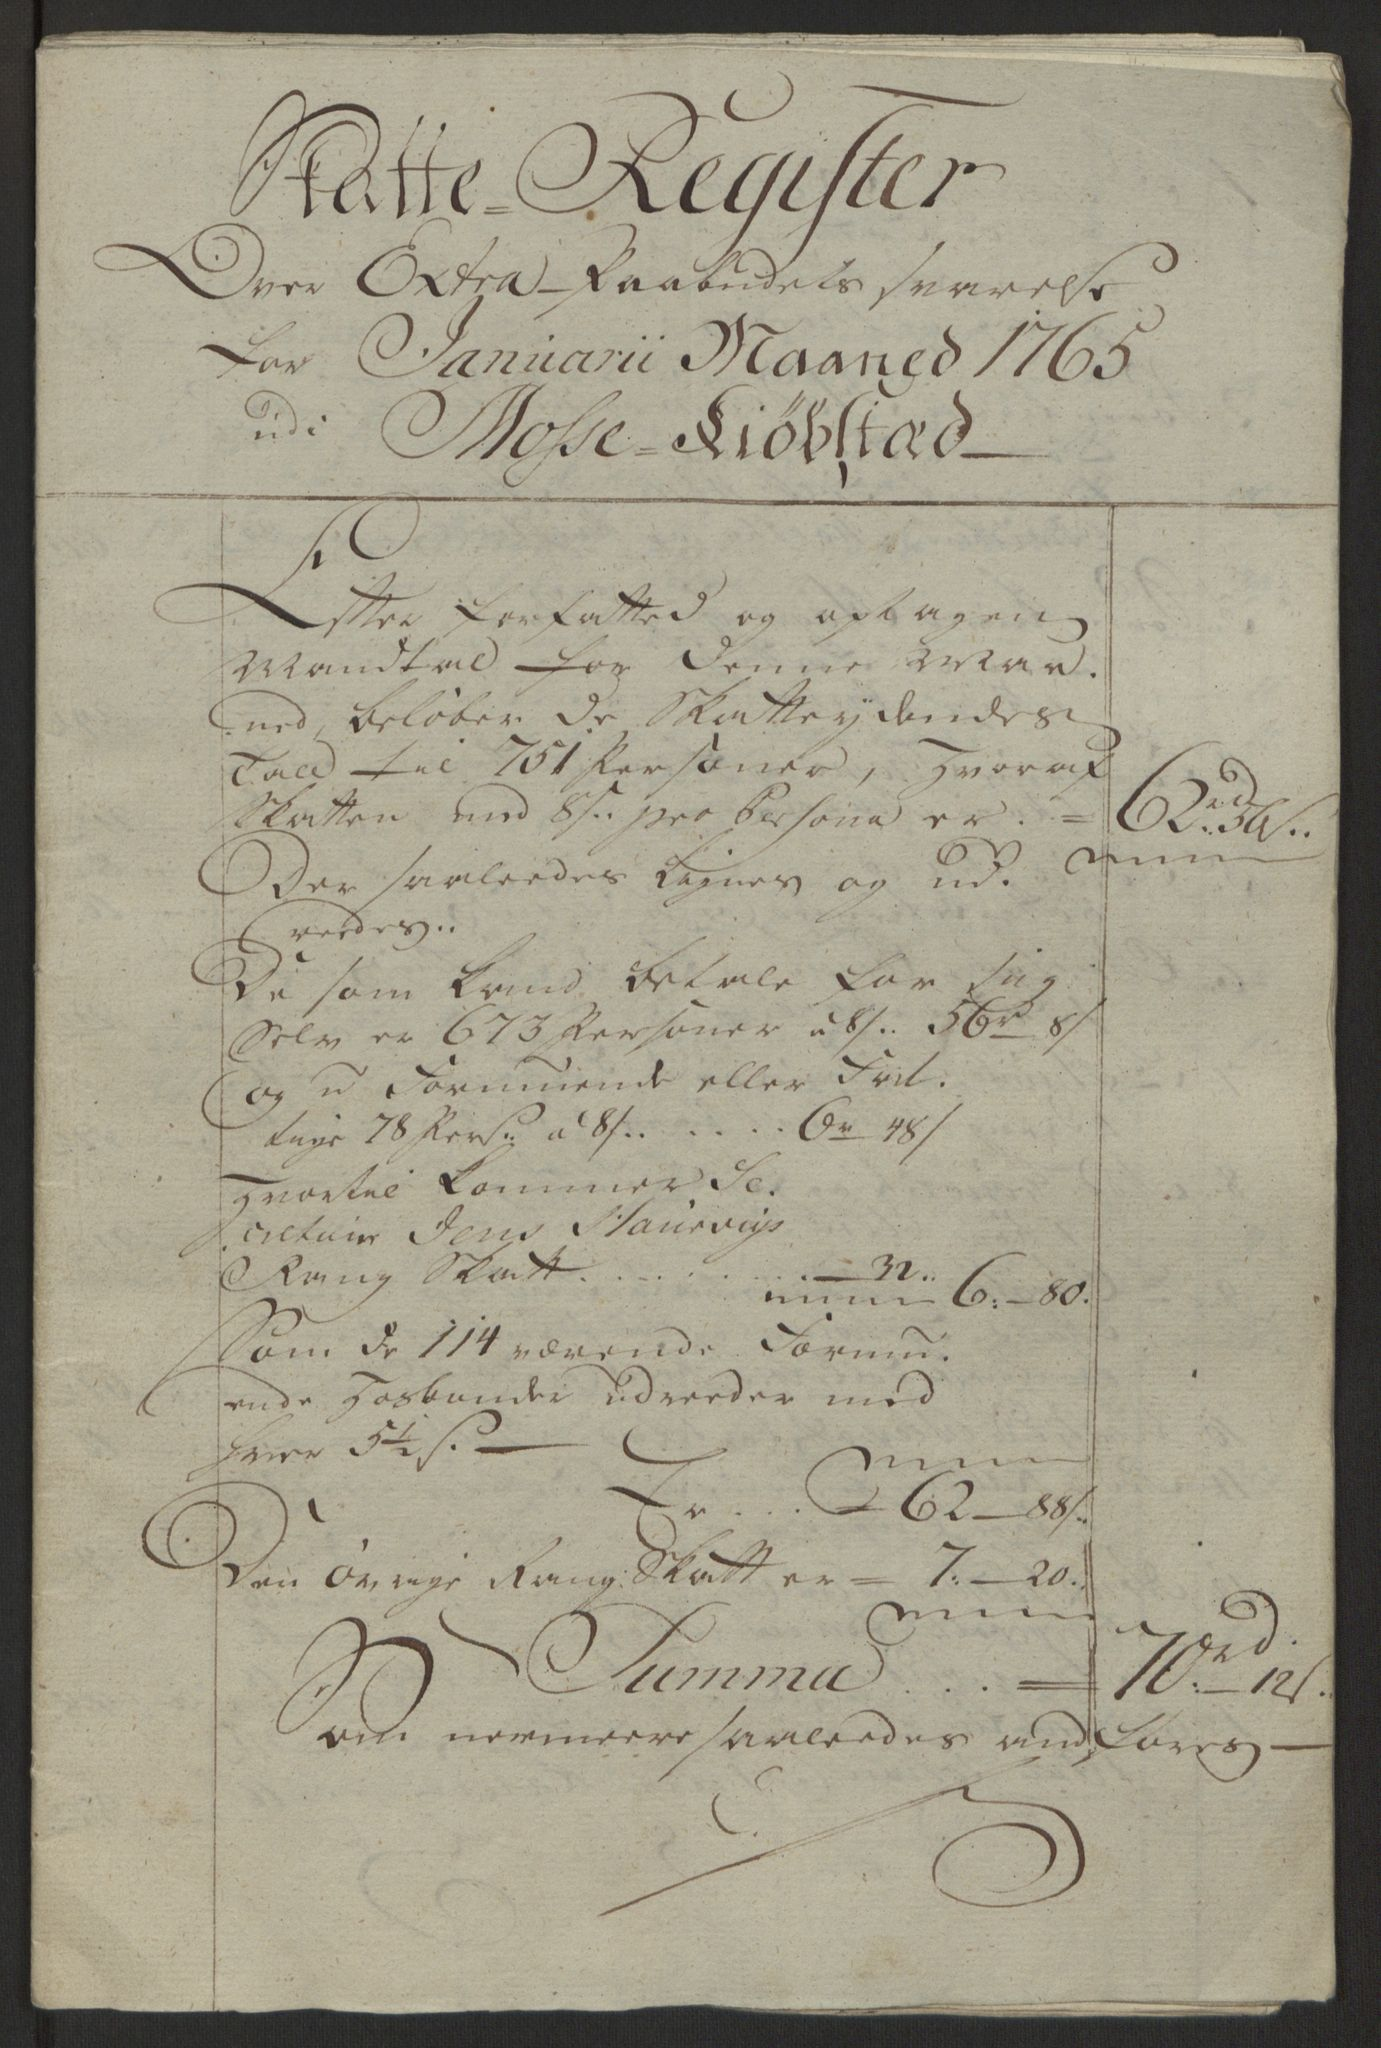 RA, Rentekammeret inntil 1814, Reviderte regnskaper, Byregnskaper, R/Rc/L0042: [C1] Kontribusjonsregnskap, 1762-1765, s. 343